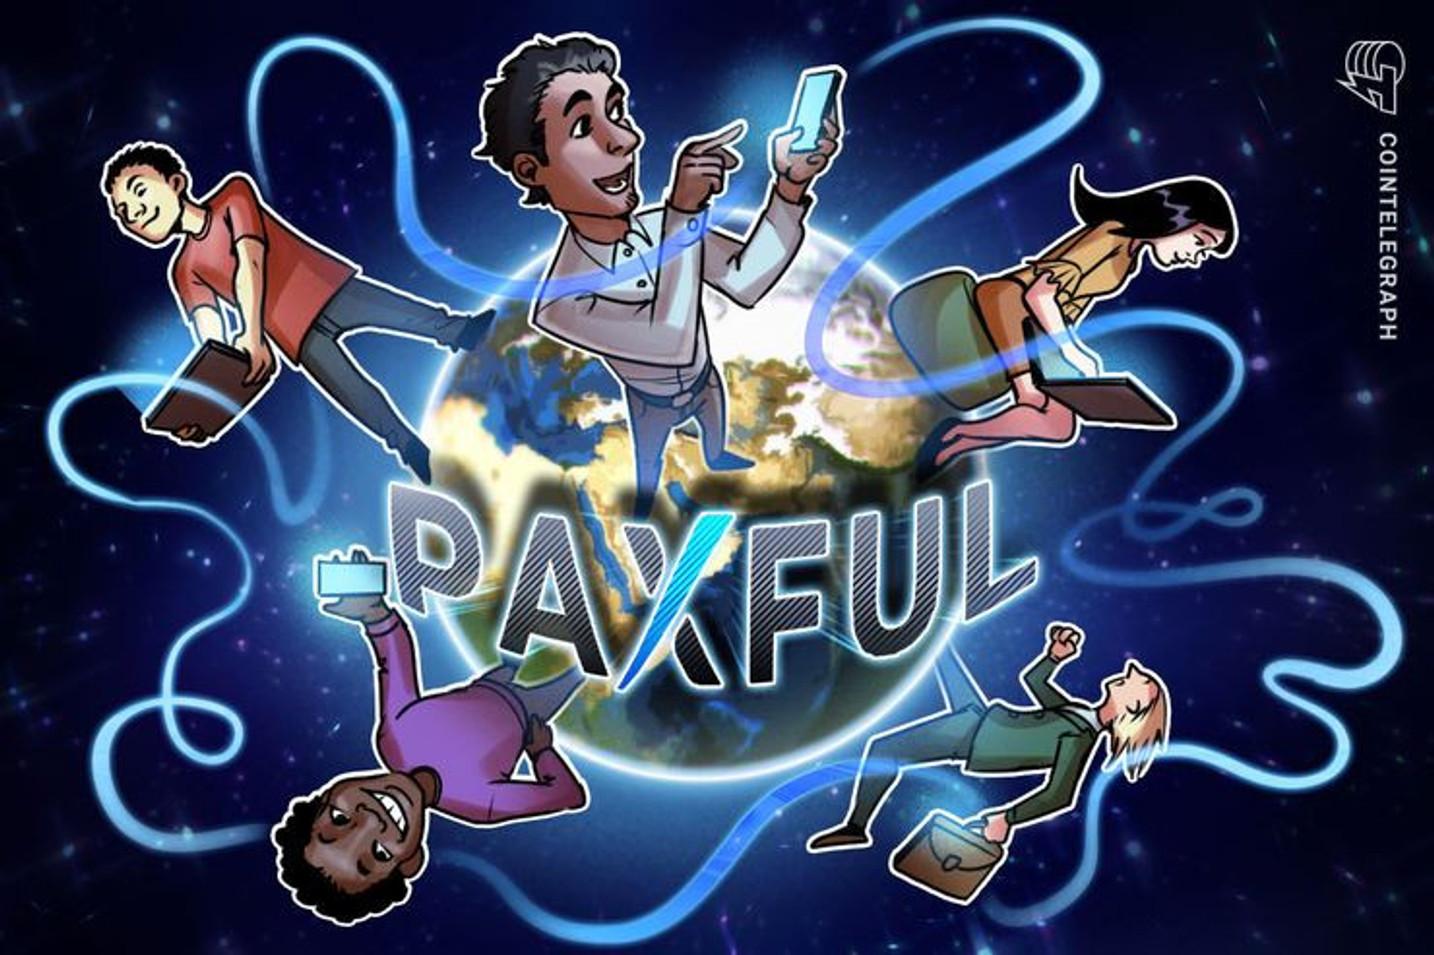 Paxful superó por primera vez a LocalBitcoin en intercambio semanal de bitcoins